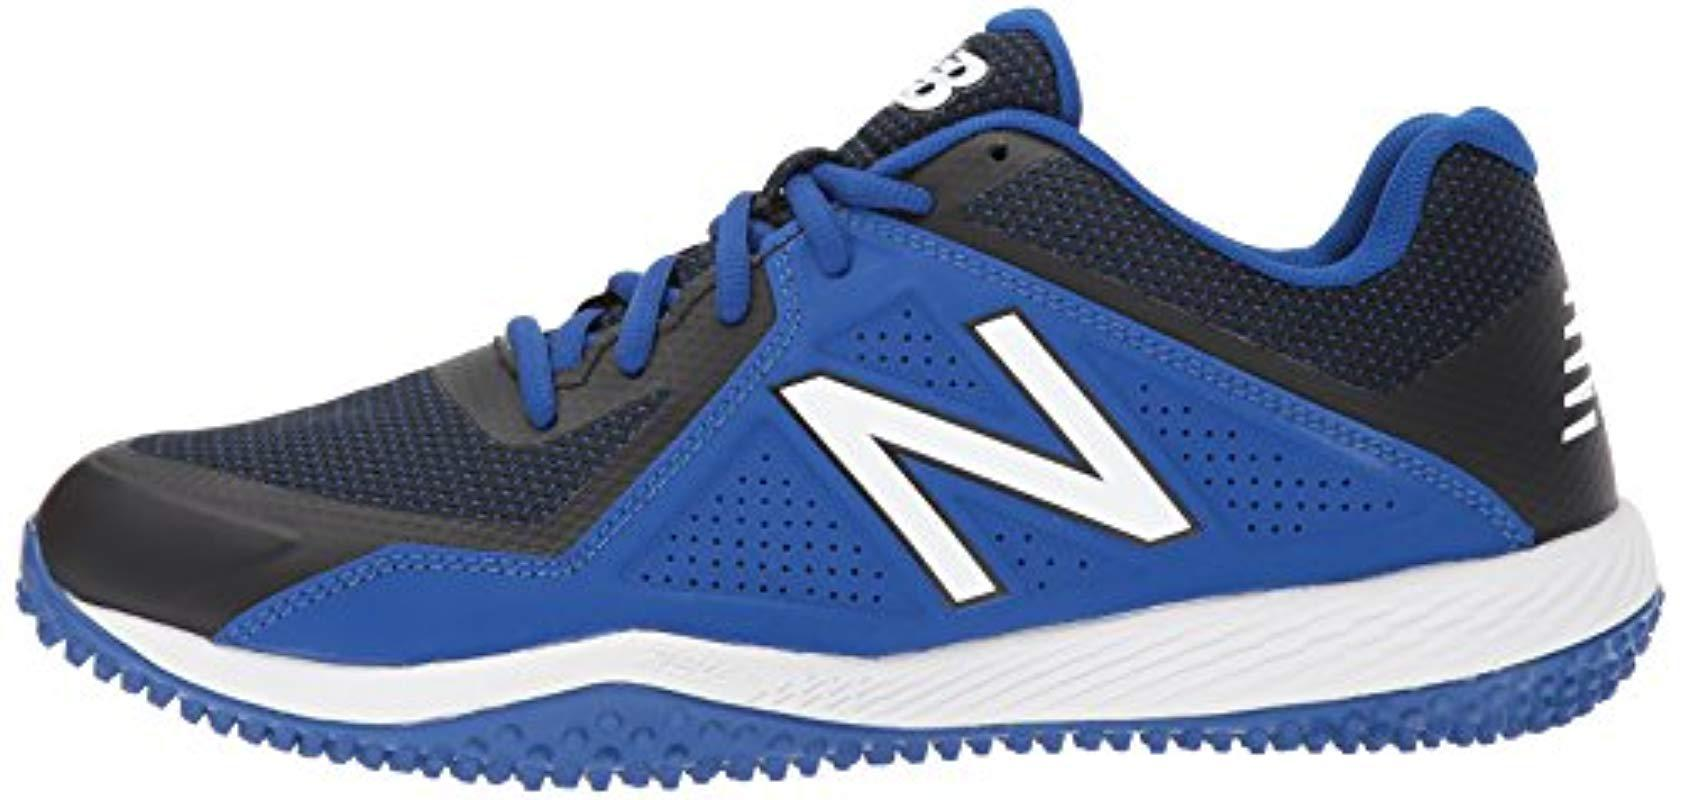 T4040v4 Turf Baseball Shoe in Black